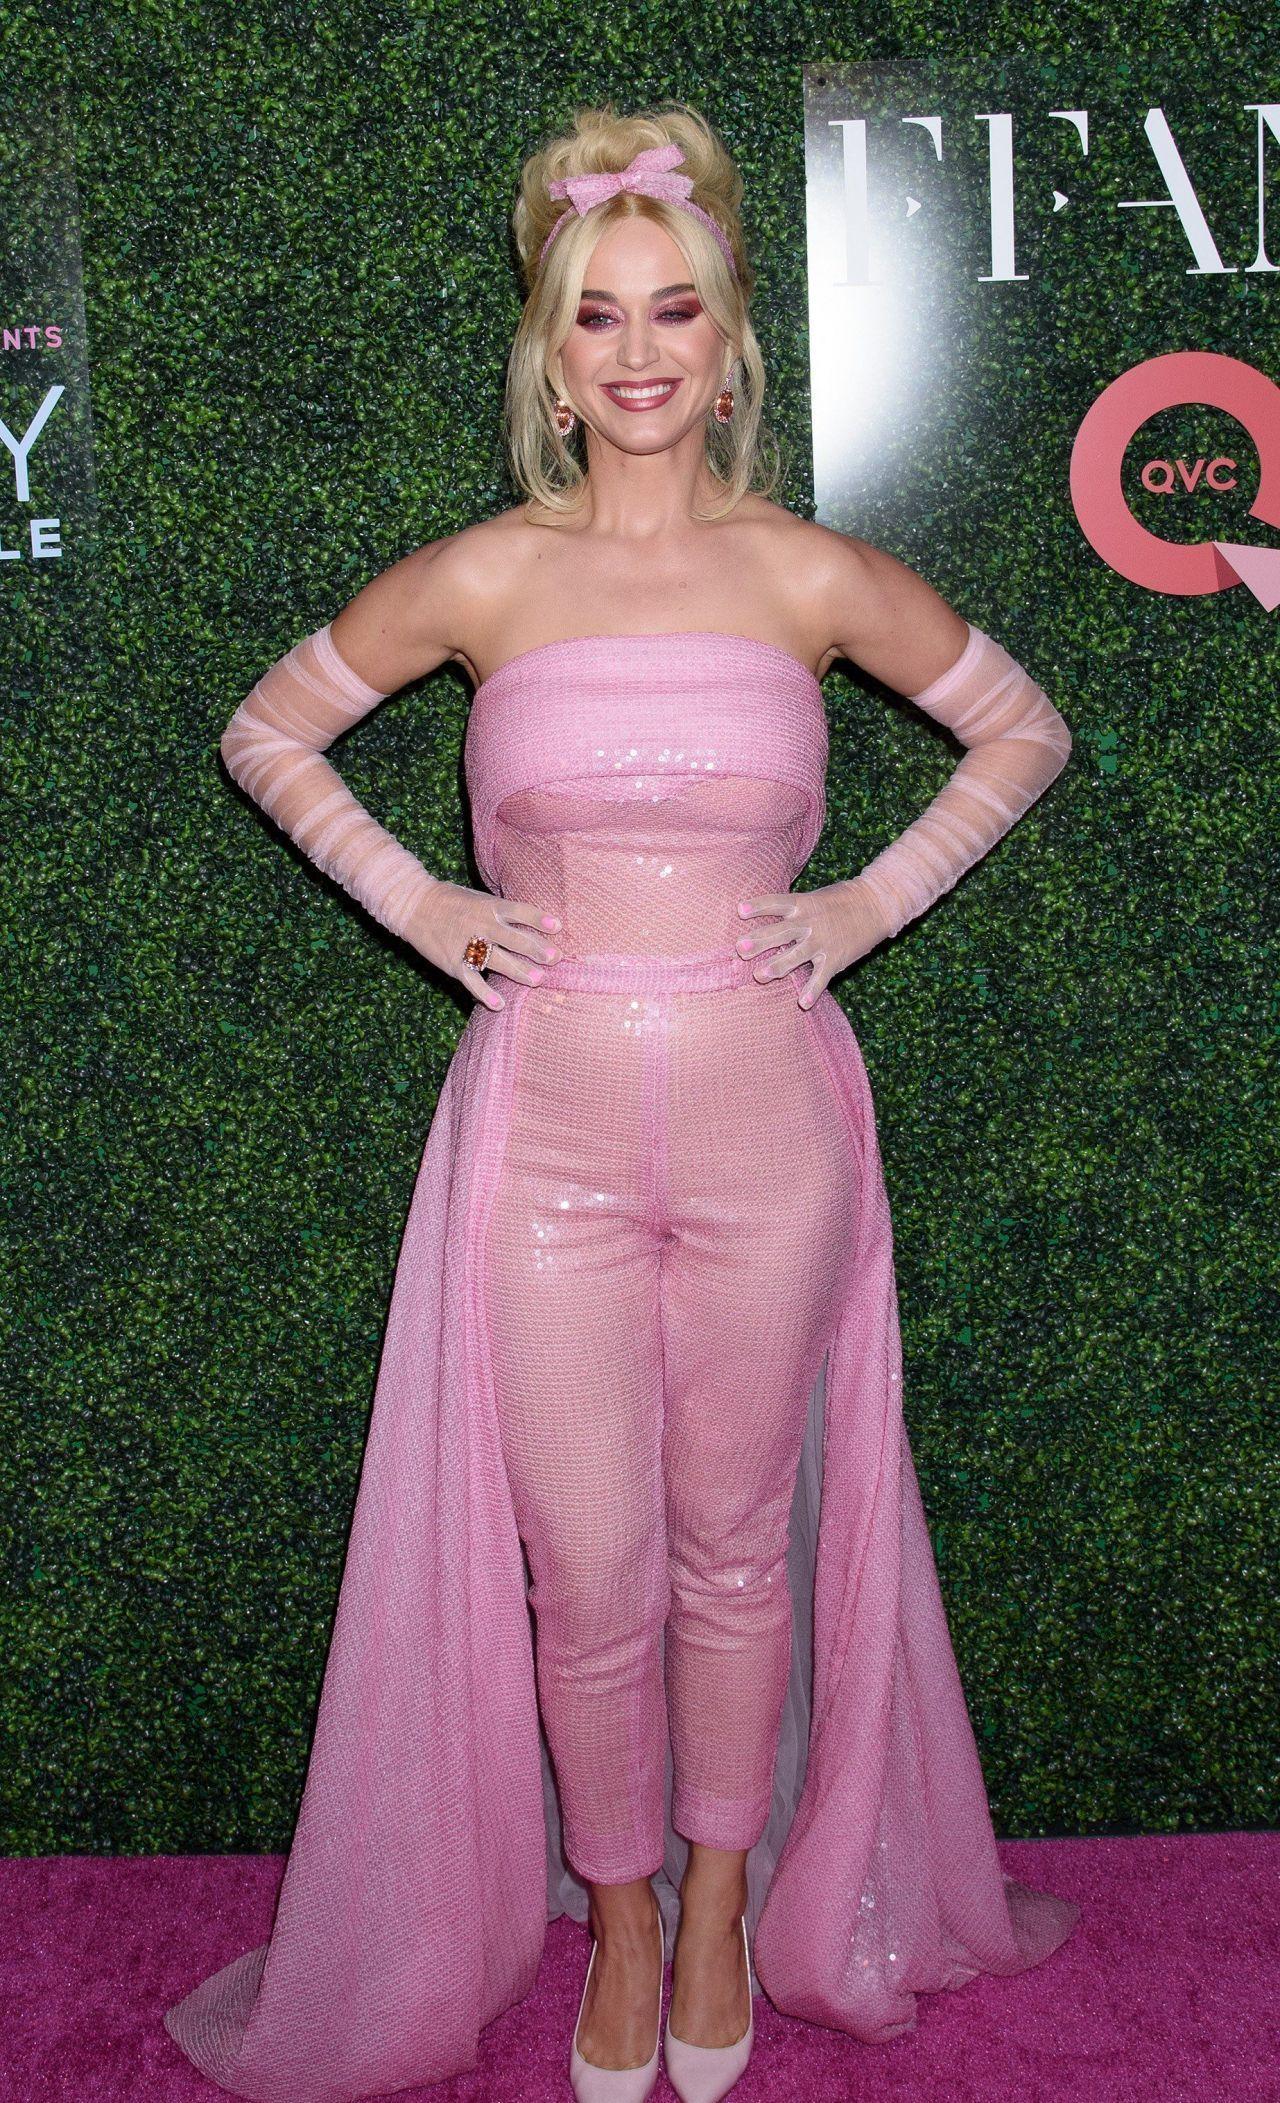 凯蒂·佩里时尚打扮气质飙升 网友:实在是美得没话说!